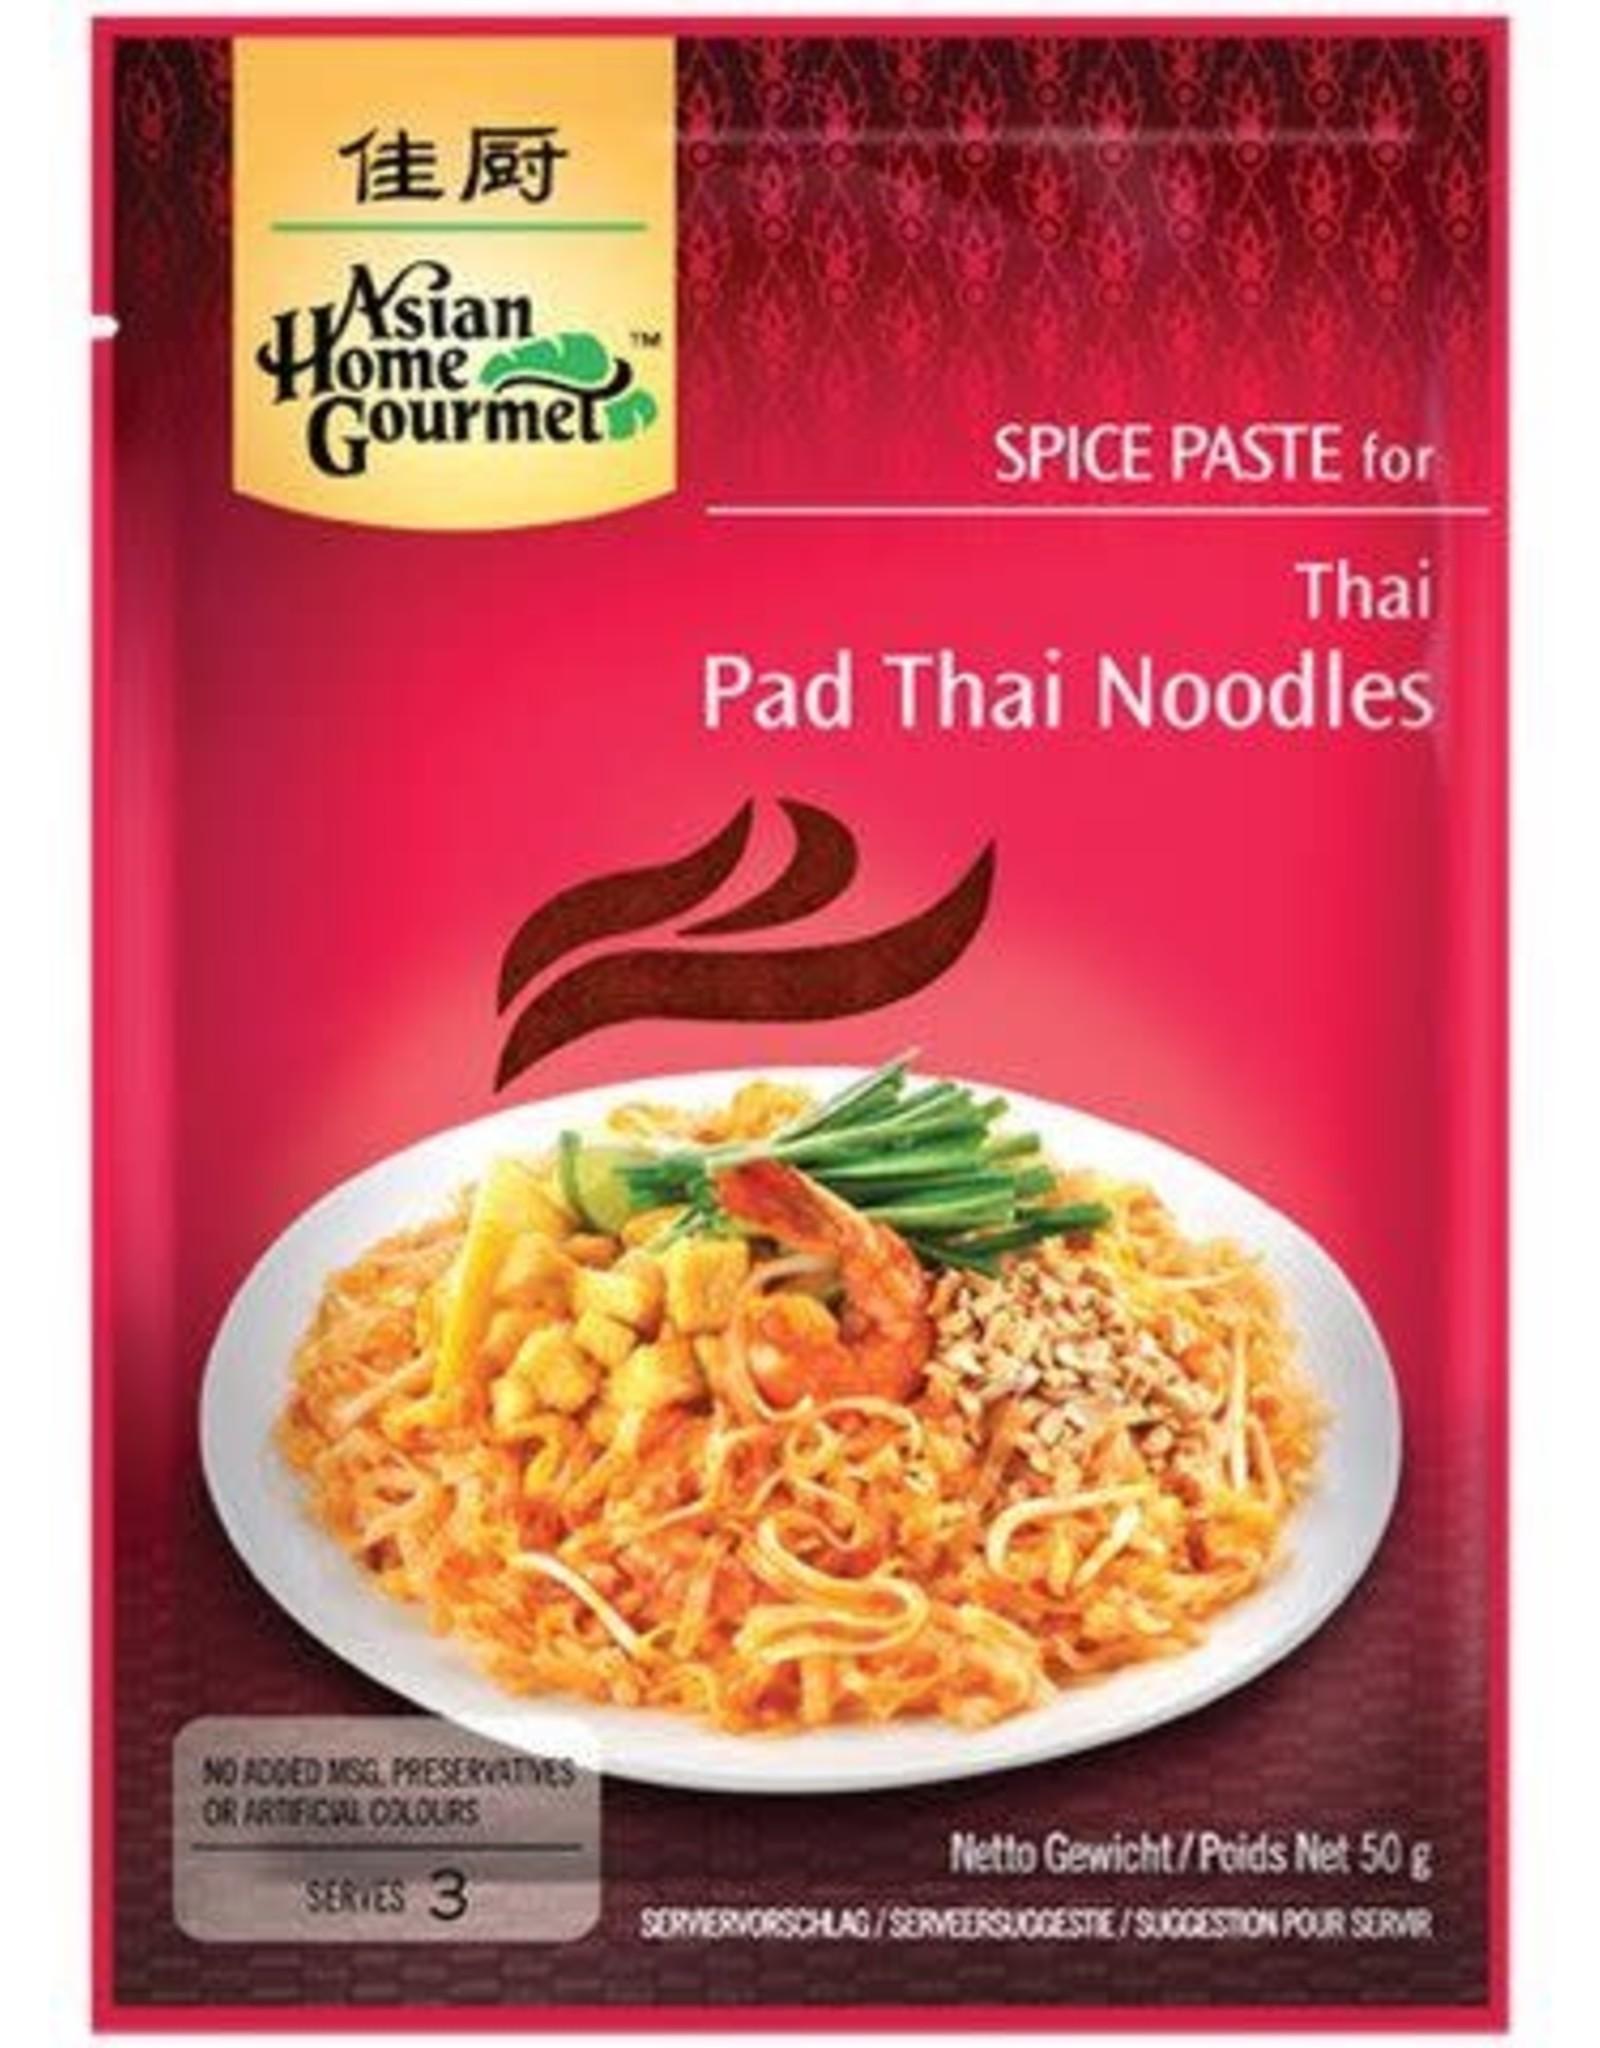 AHG Kruidenpasta Thais. pad thai AHG 50g